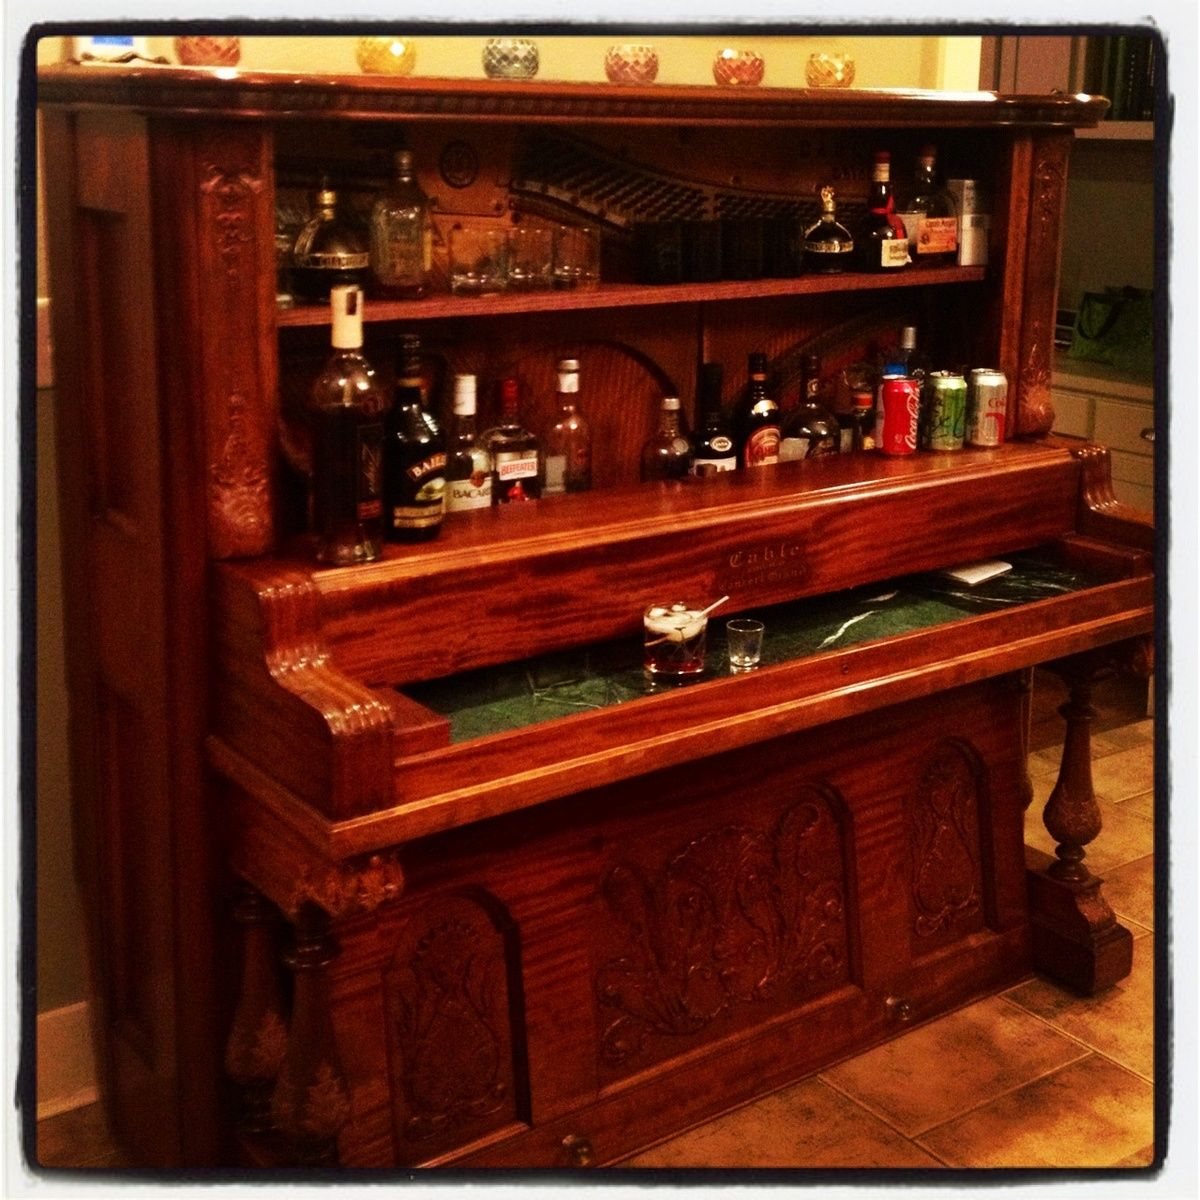 387732590593521299d3a6cfbd18e761 Jpg 1 200 1 200 Pixels Piano Bar Bars For Home Piano